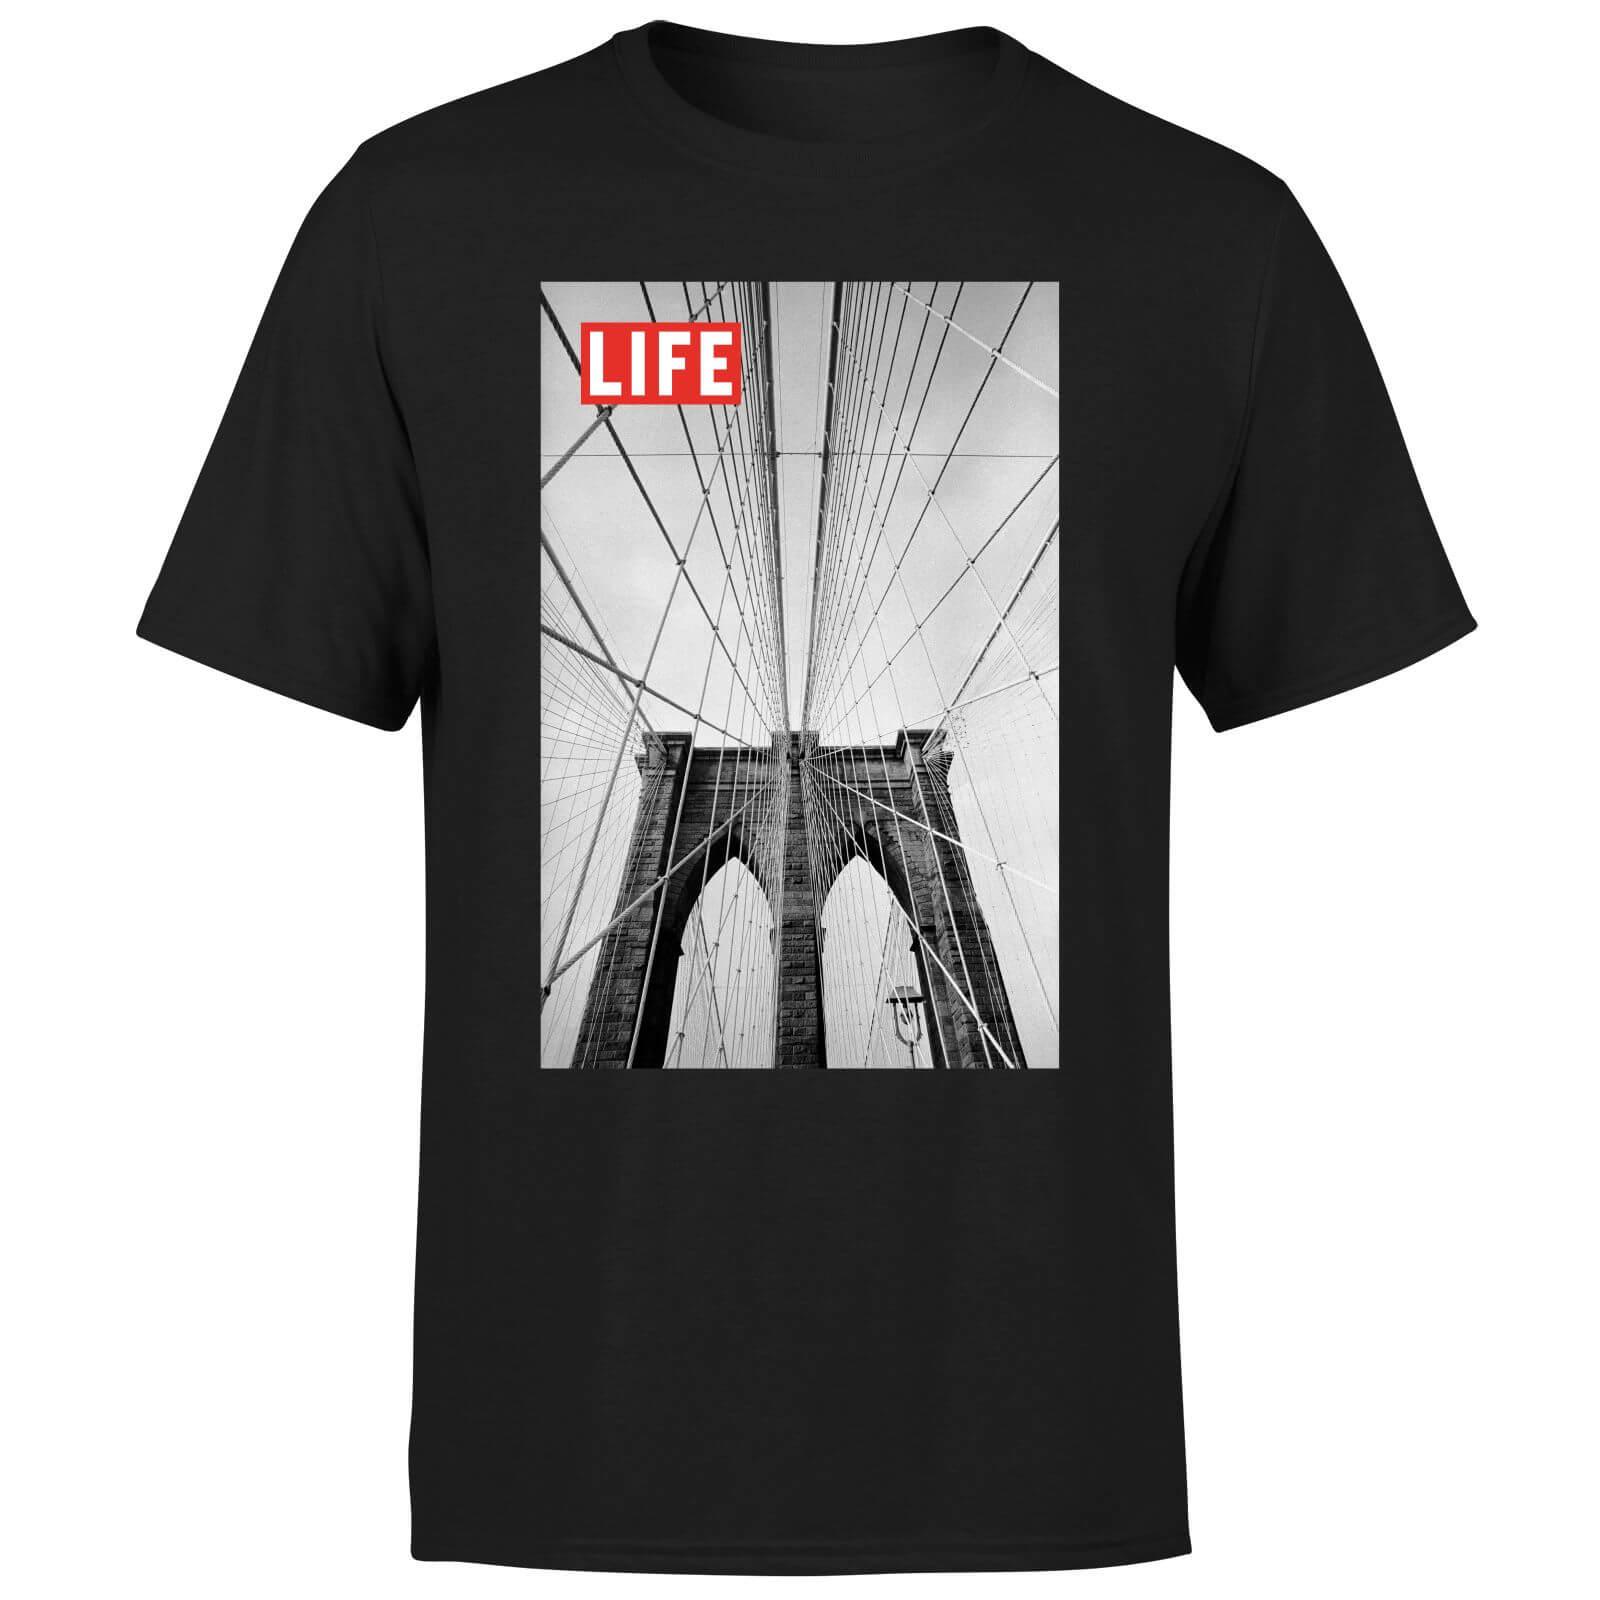 LIFE Magazine City Bridge Men's T-Shirt - Black - L - Black-male